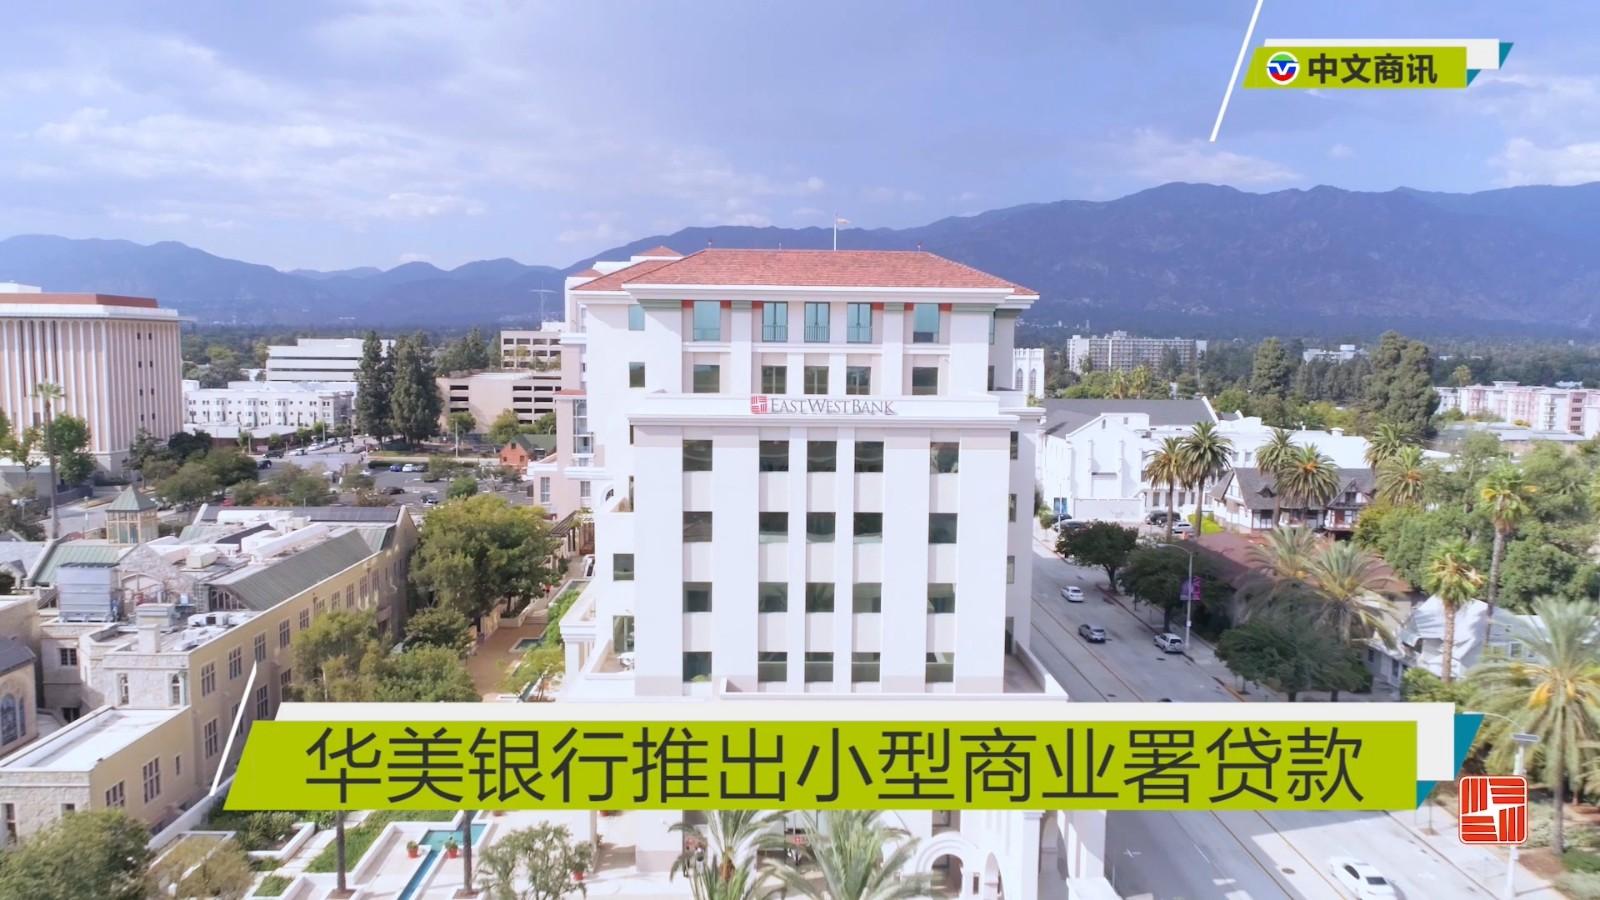 【视频】华美银行推出小型商业署贷款优惠计划 享有高达$2,500申请费用减免